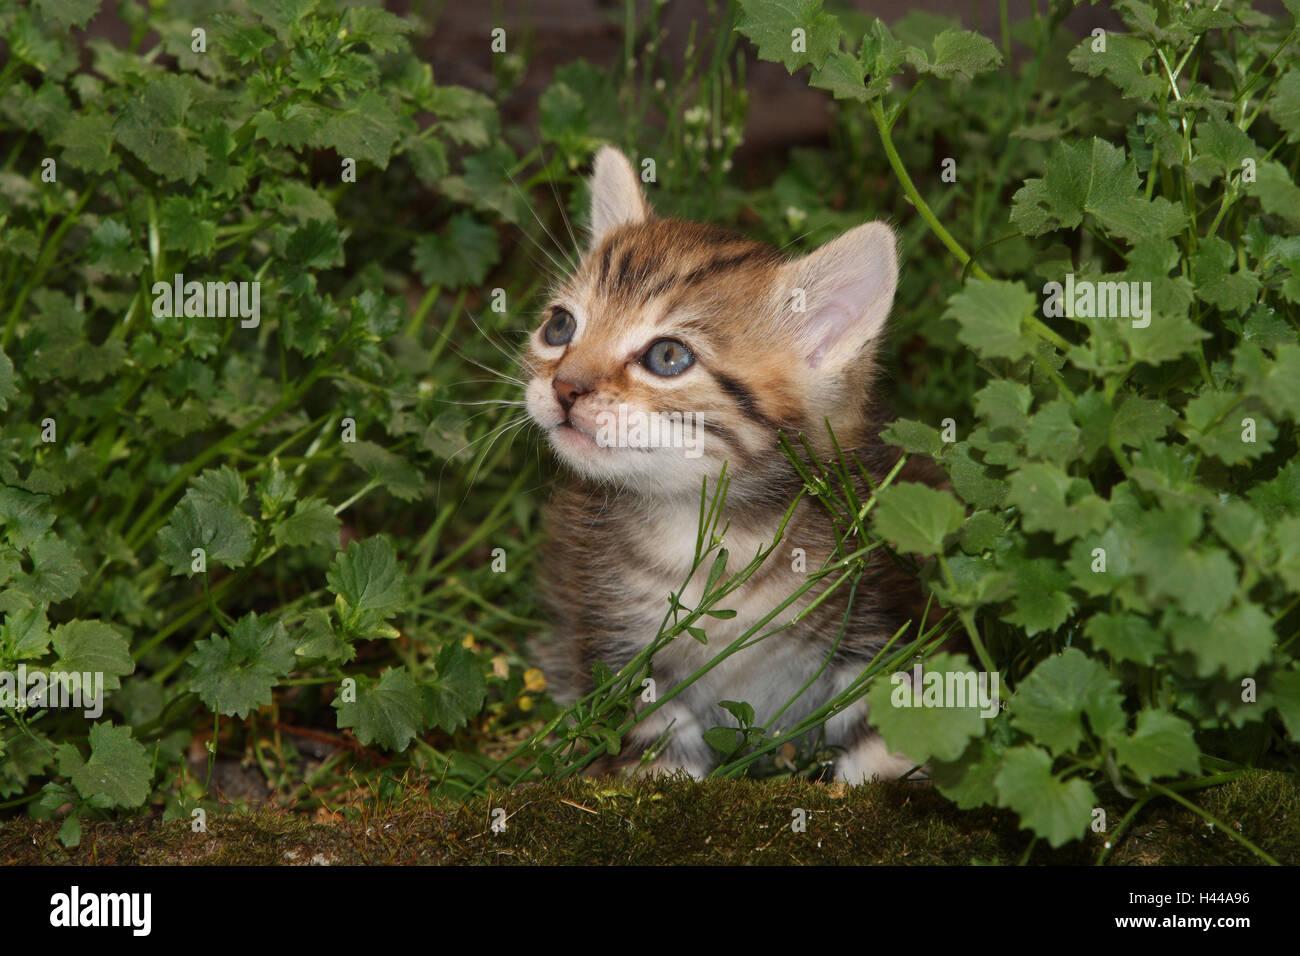 Gato, jóvenes, sentarse, Pradera, jardín, animales, mamíferos, mascotas, gatos pequeños, Felidae, Imagen De Stock